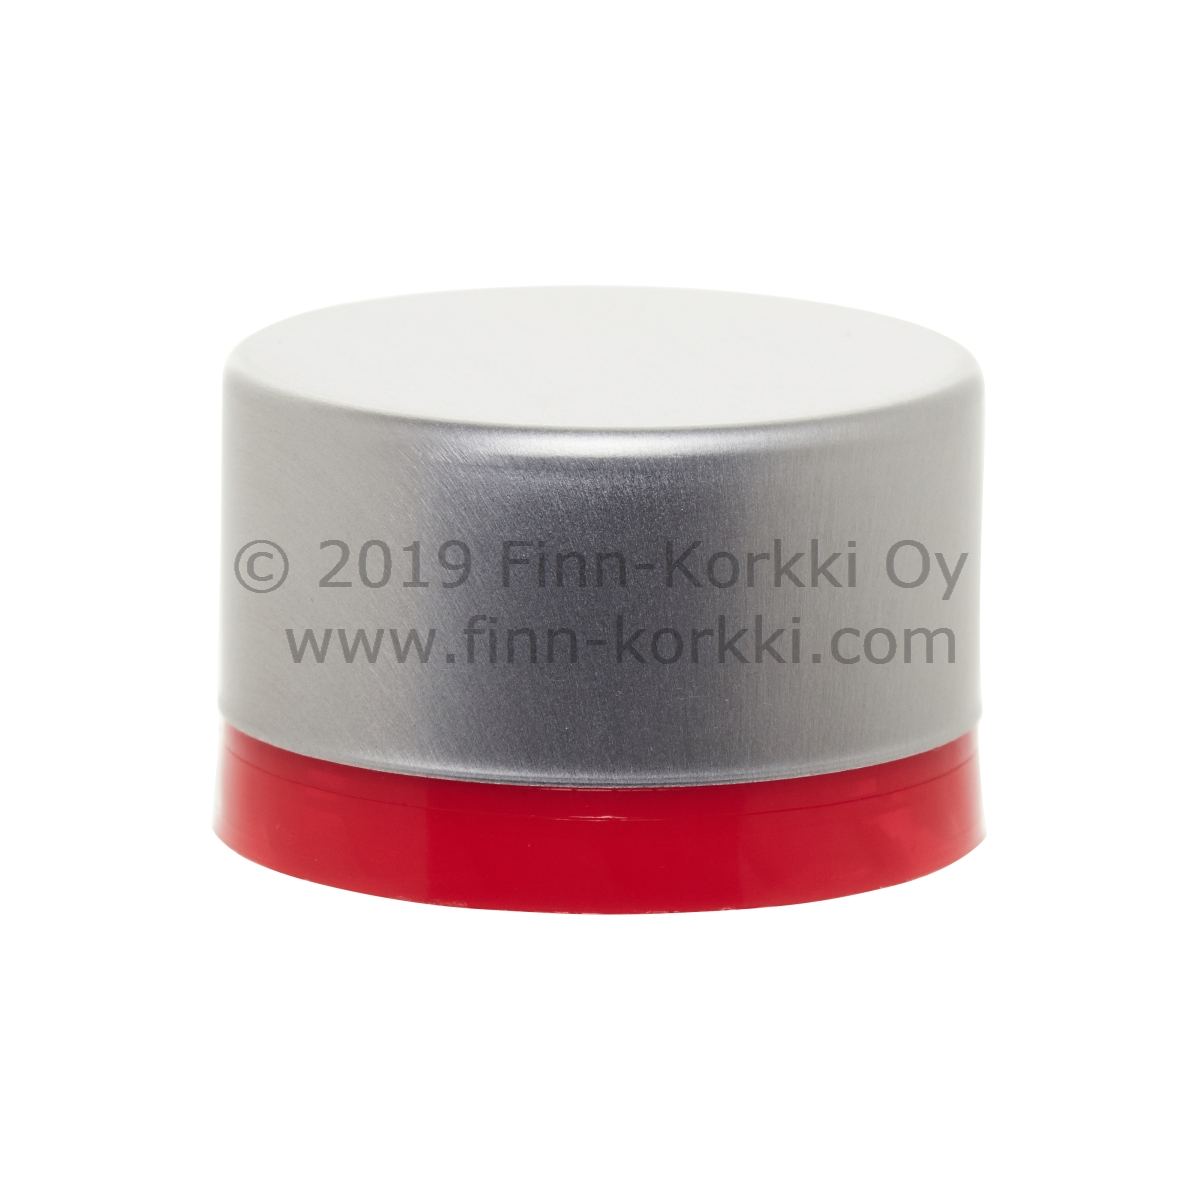 Finn-Korkki luxury aluminium bottle caps  Luxury aluminium